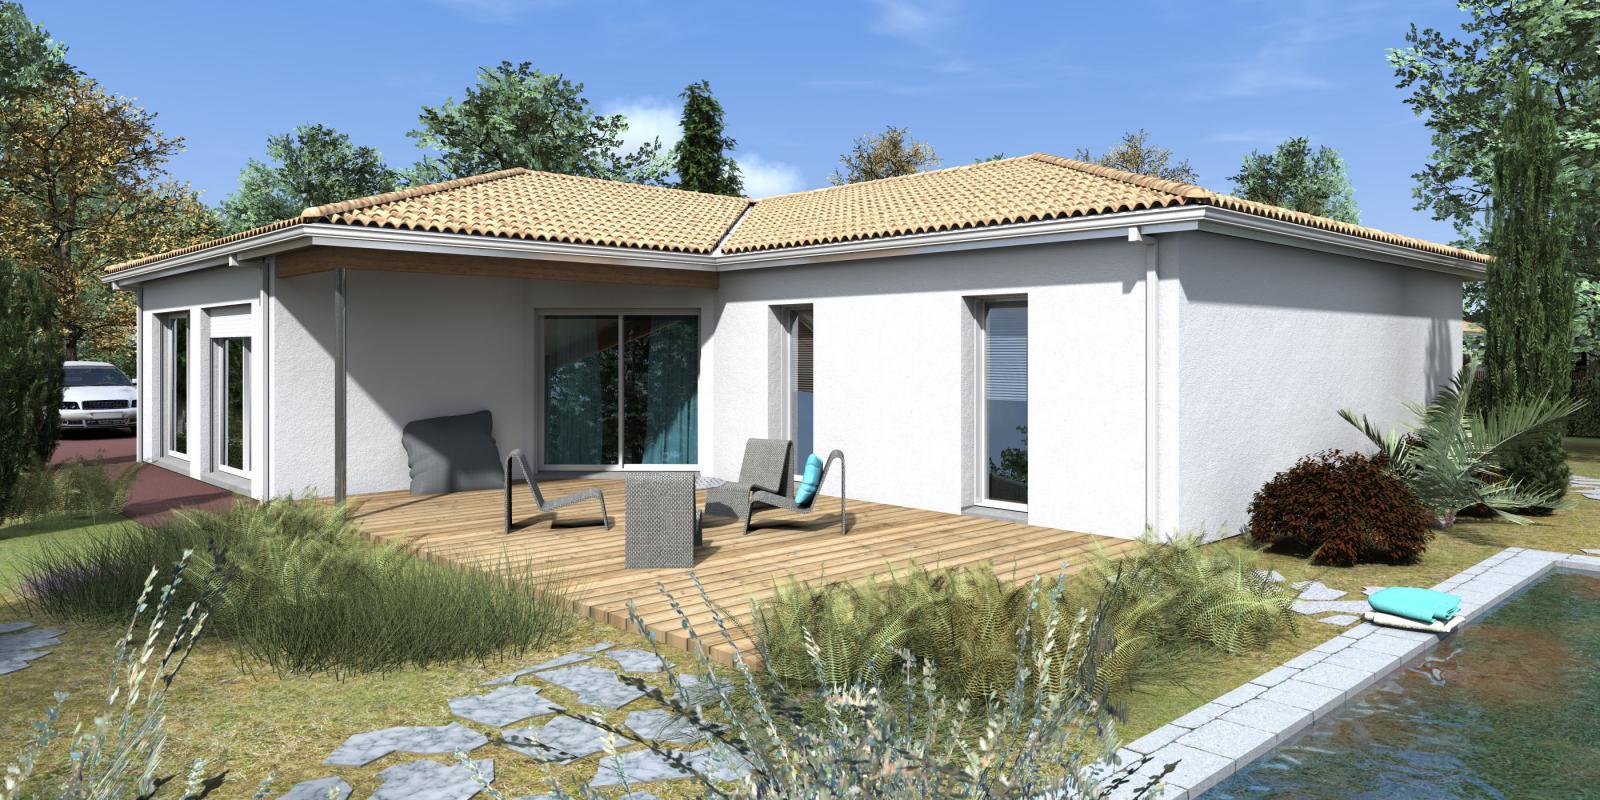 Maisons + Terrains du constructeur GIB CONSTRUCTION • 136 m² • CESTAS